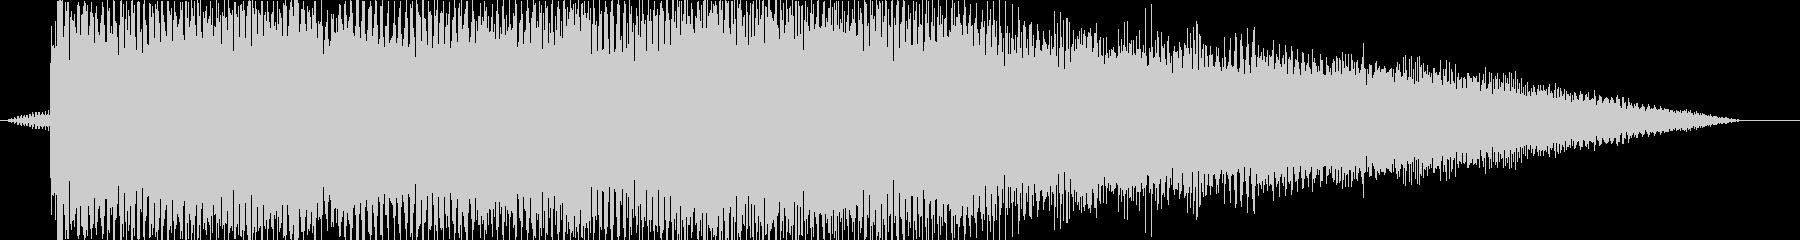 ドーン①(バンドの登場シーン・場面転換)の未再生の波形